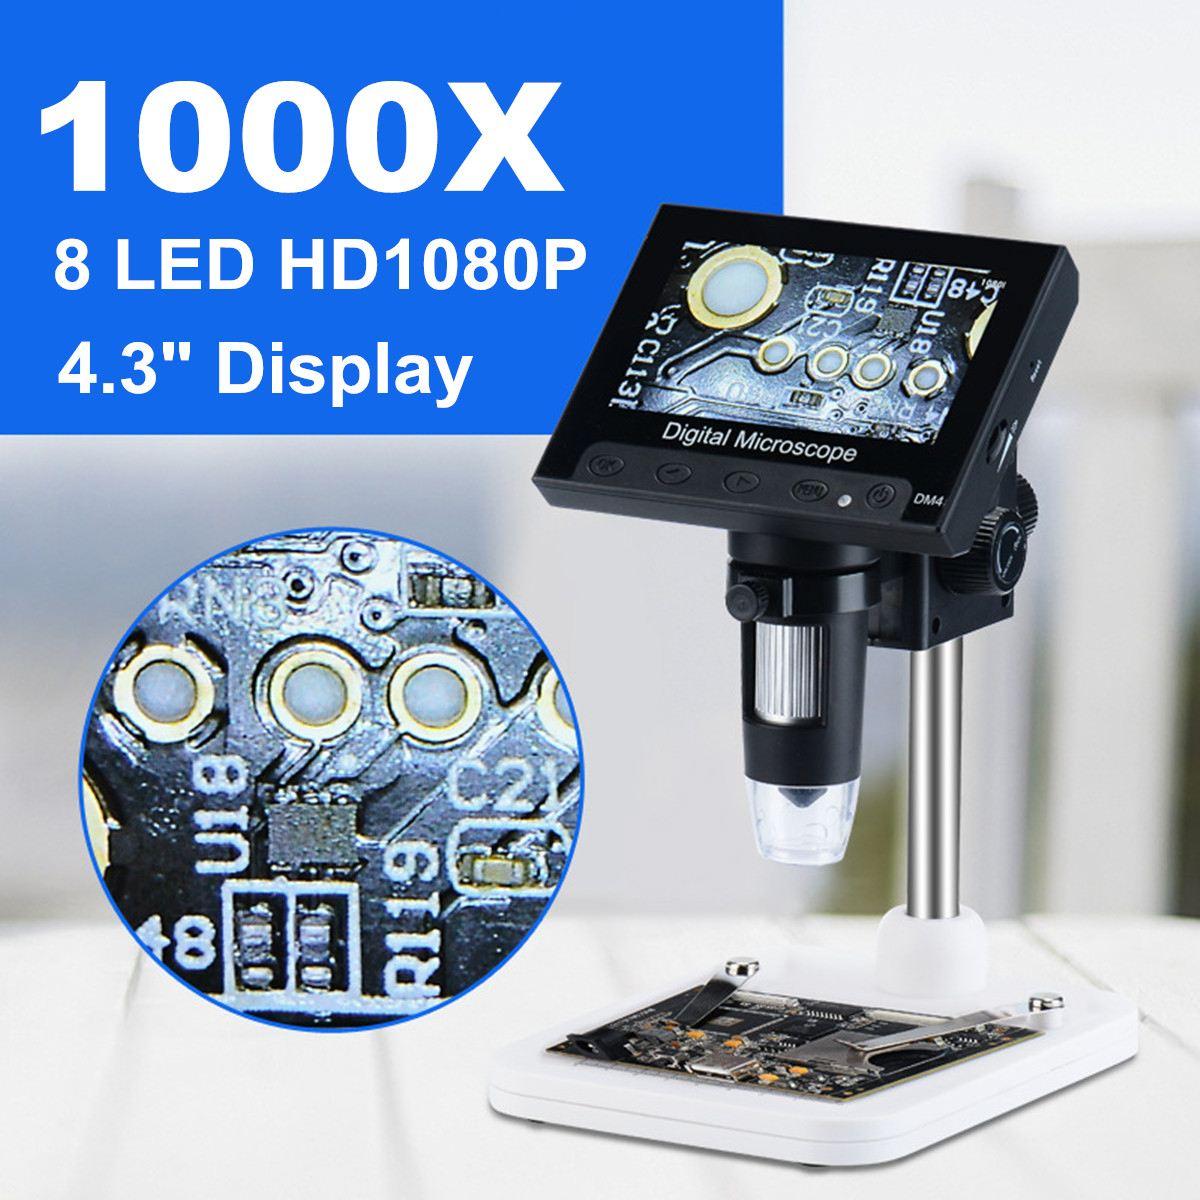 1000x2,0 Мп USB цифровой электронный микроскоп DM4 4,3 ЖК-дисплей Дисплей микроскоп vga с 8 светодиодная подставка для печатной плате ремонт